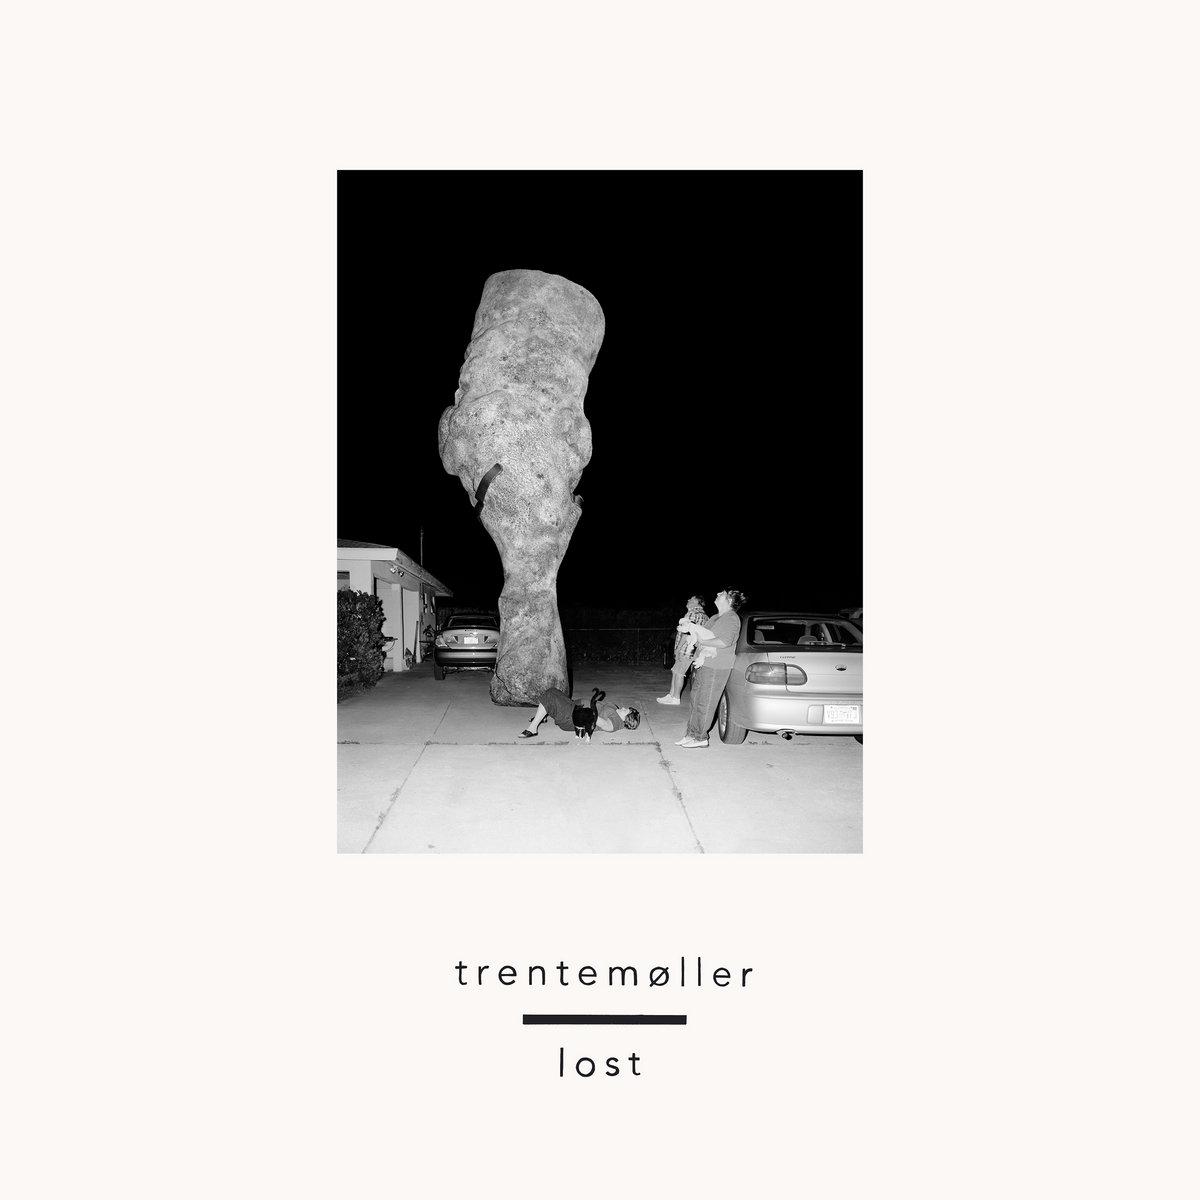 Lost | Trentemøller